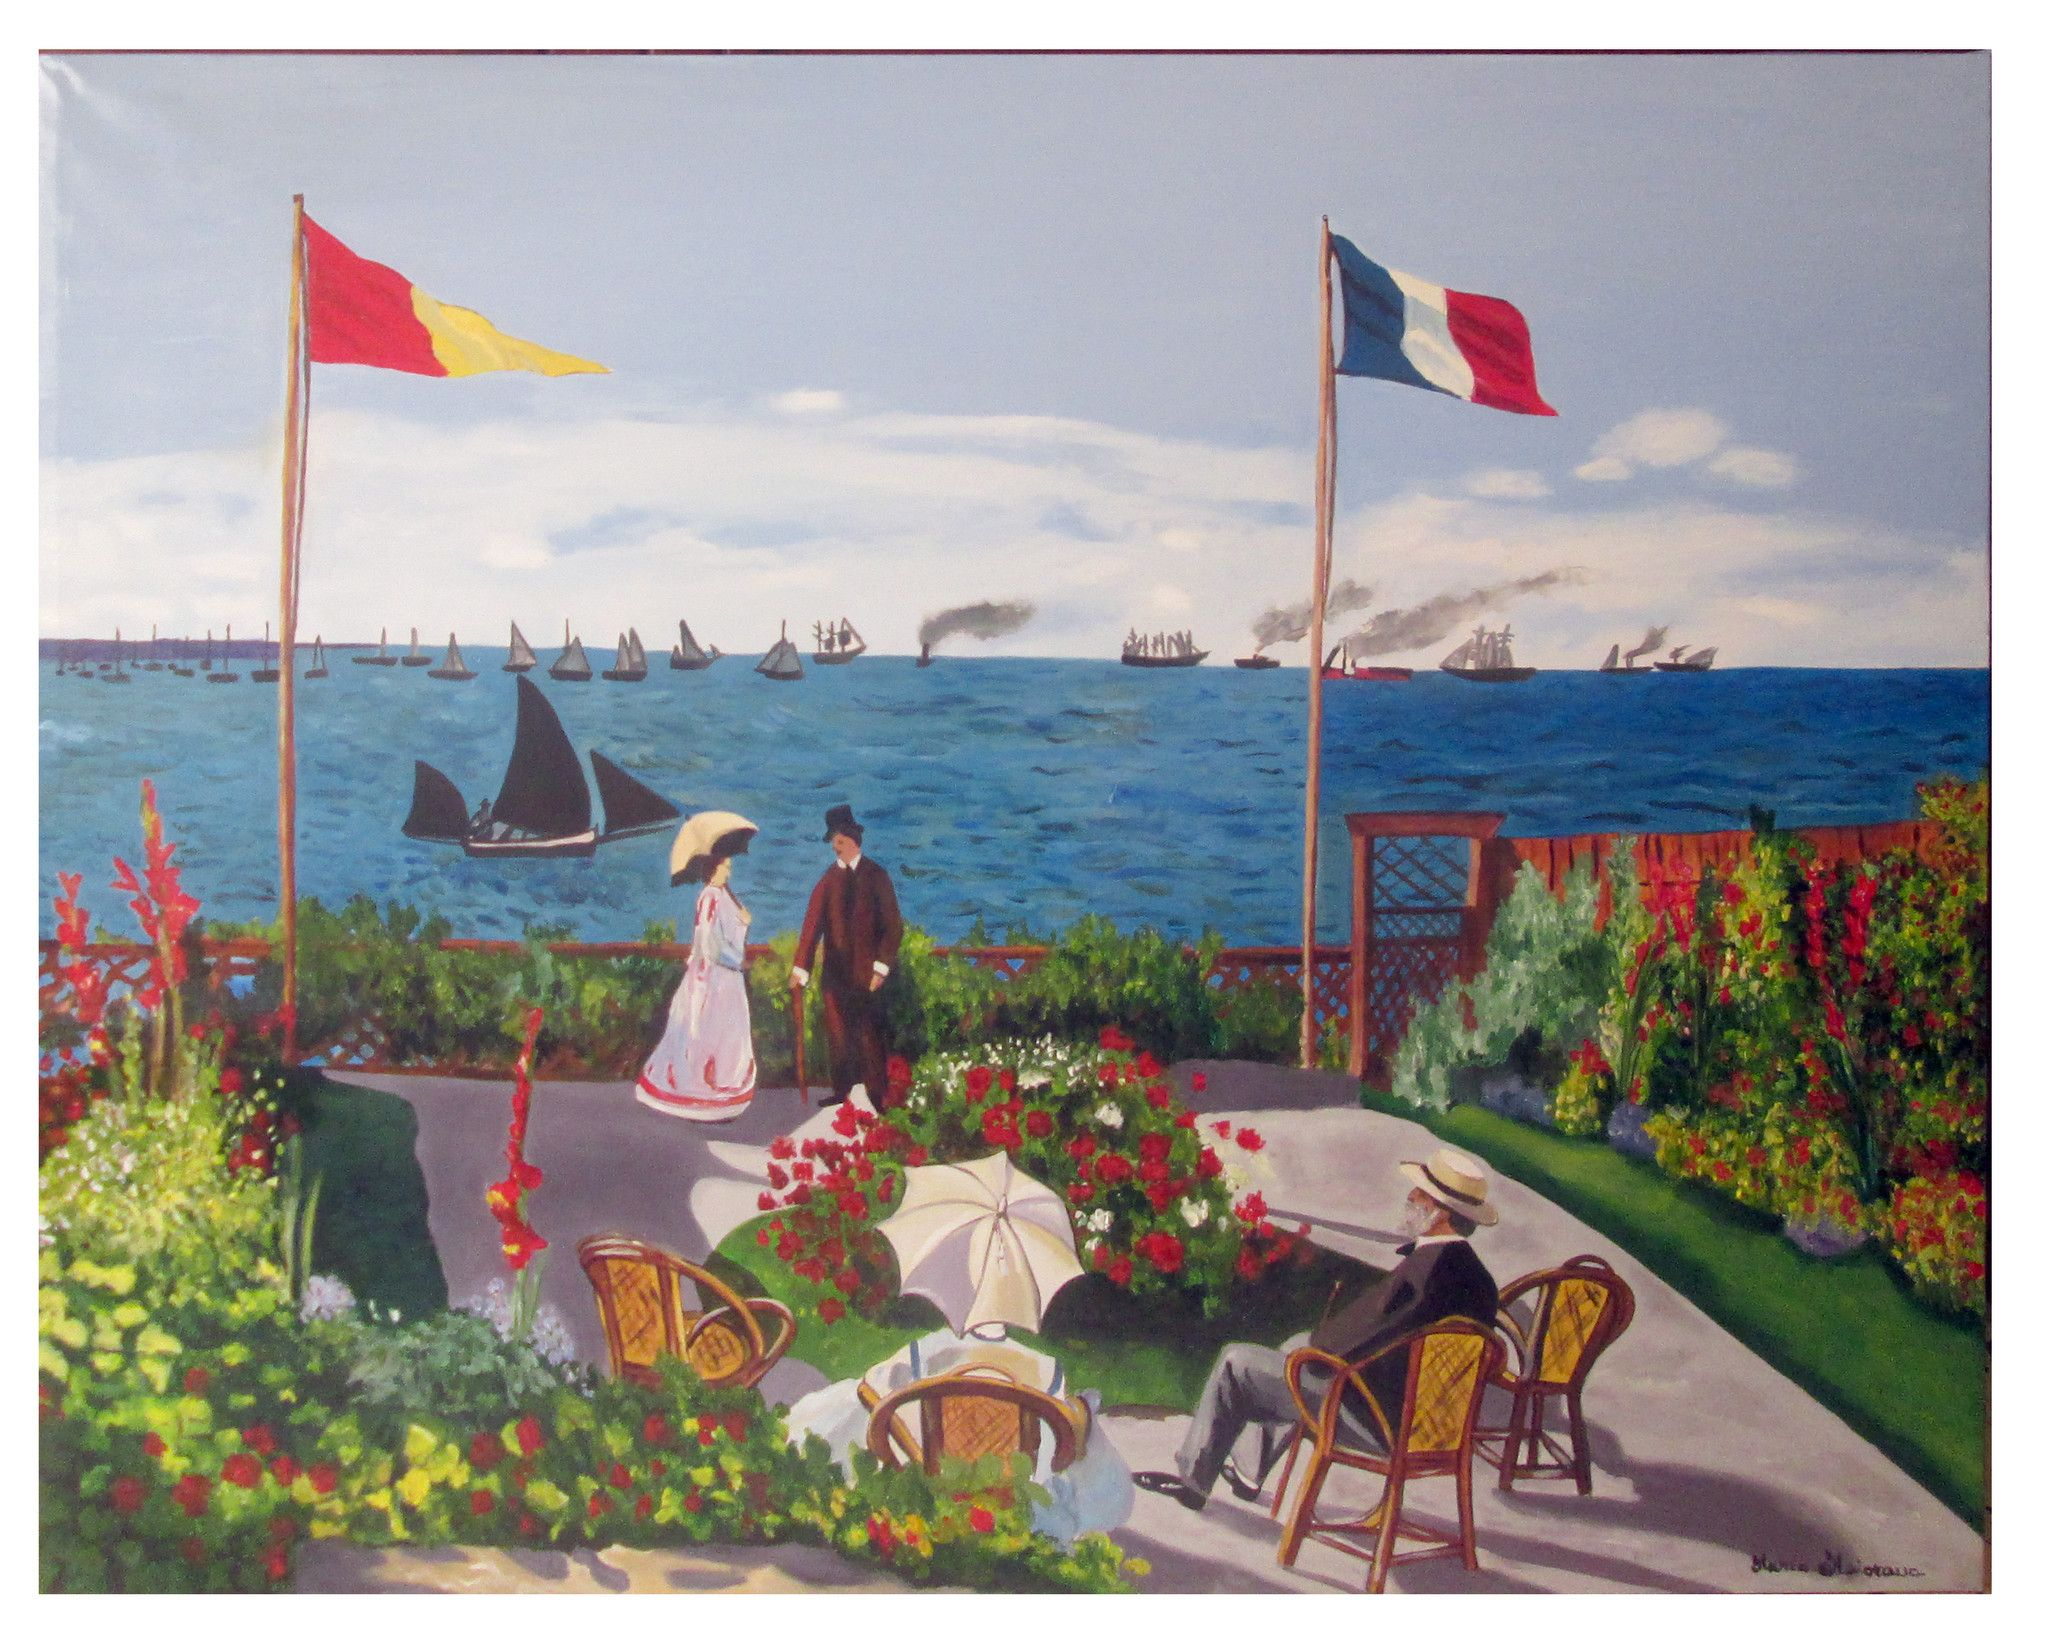 La terrazza a Sainte-Adresse - Copia di Claude Monet